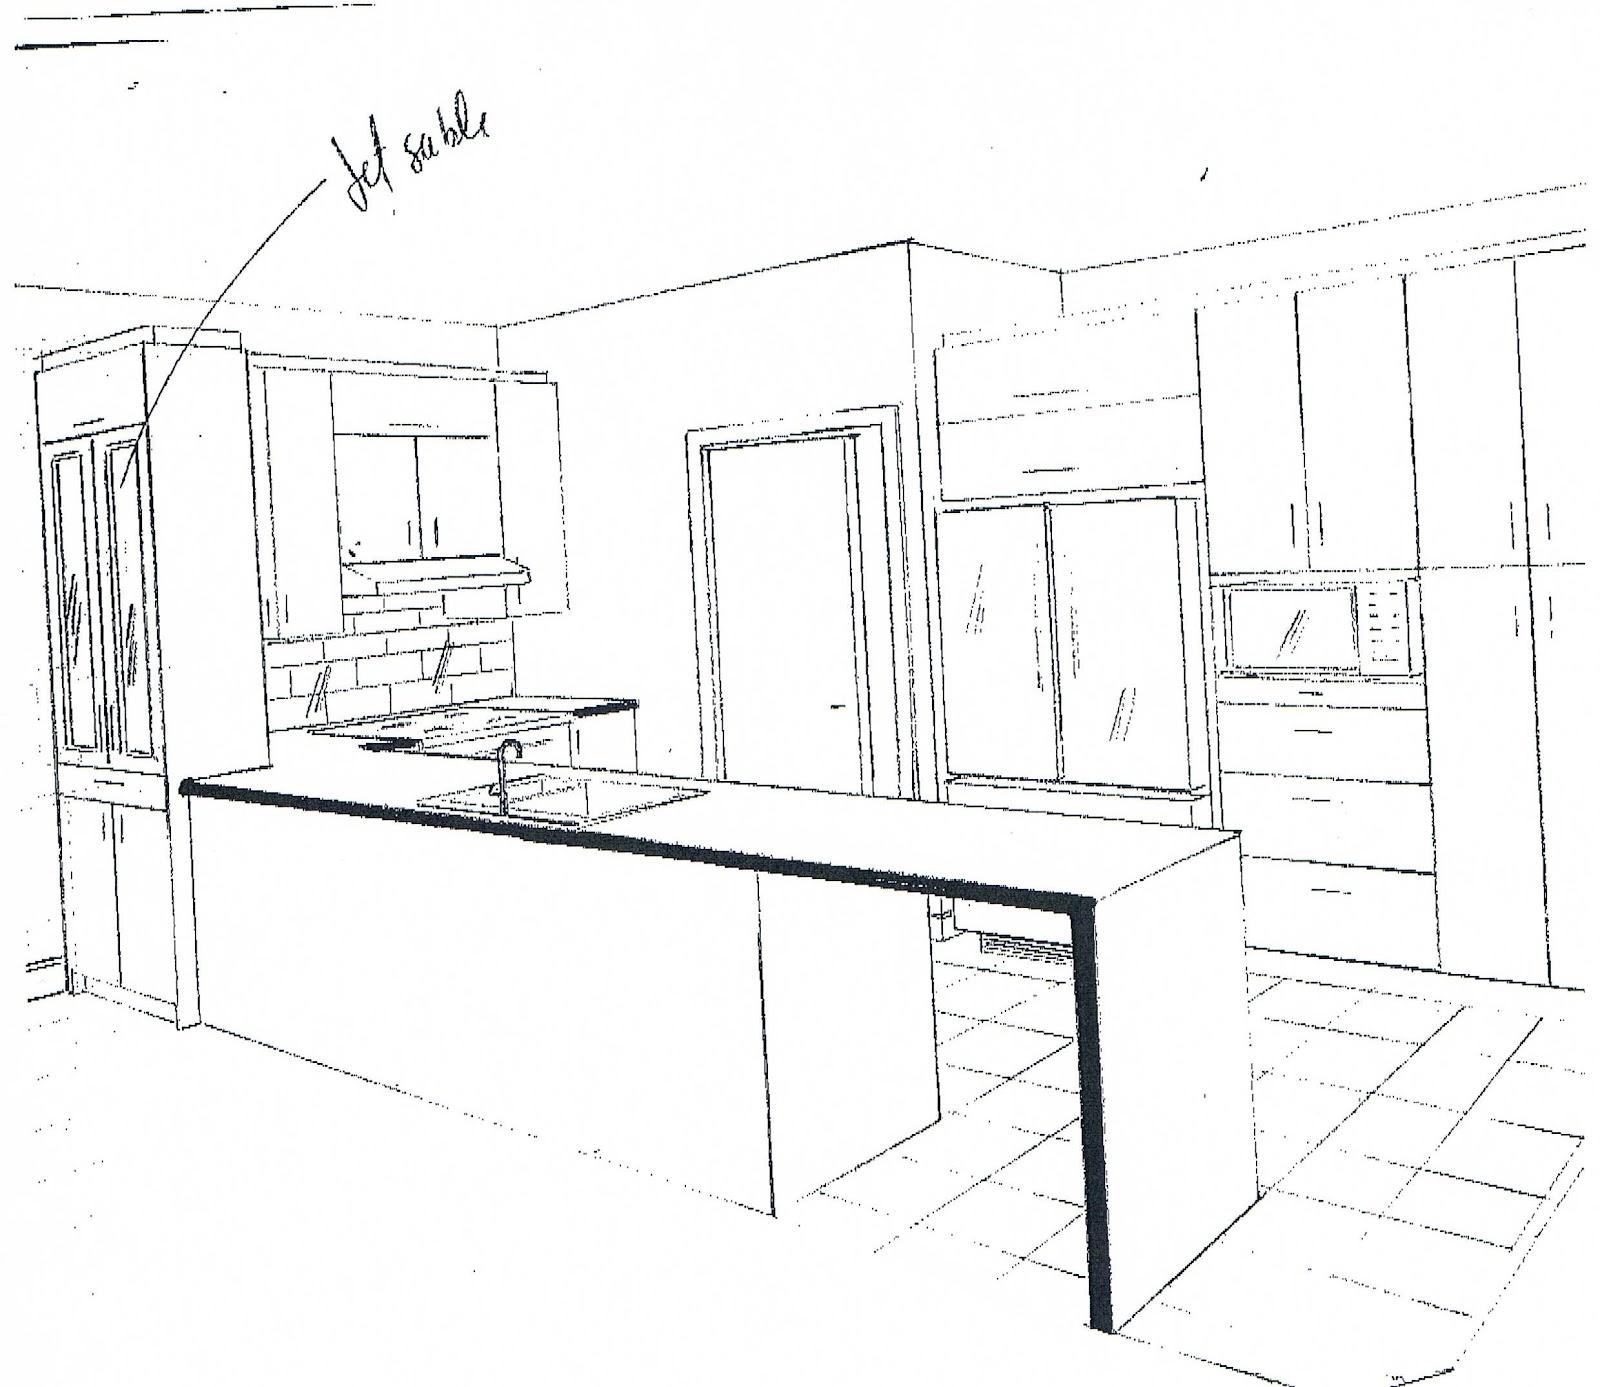 Dessiner plan cuisine cuisine dessiner plan cuisine - Dessiner son plan de maison en ligne ...